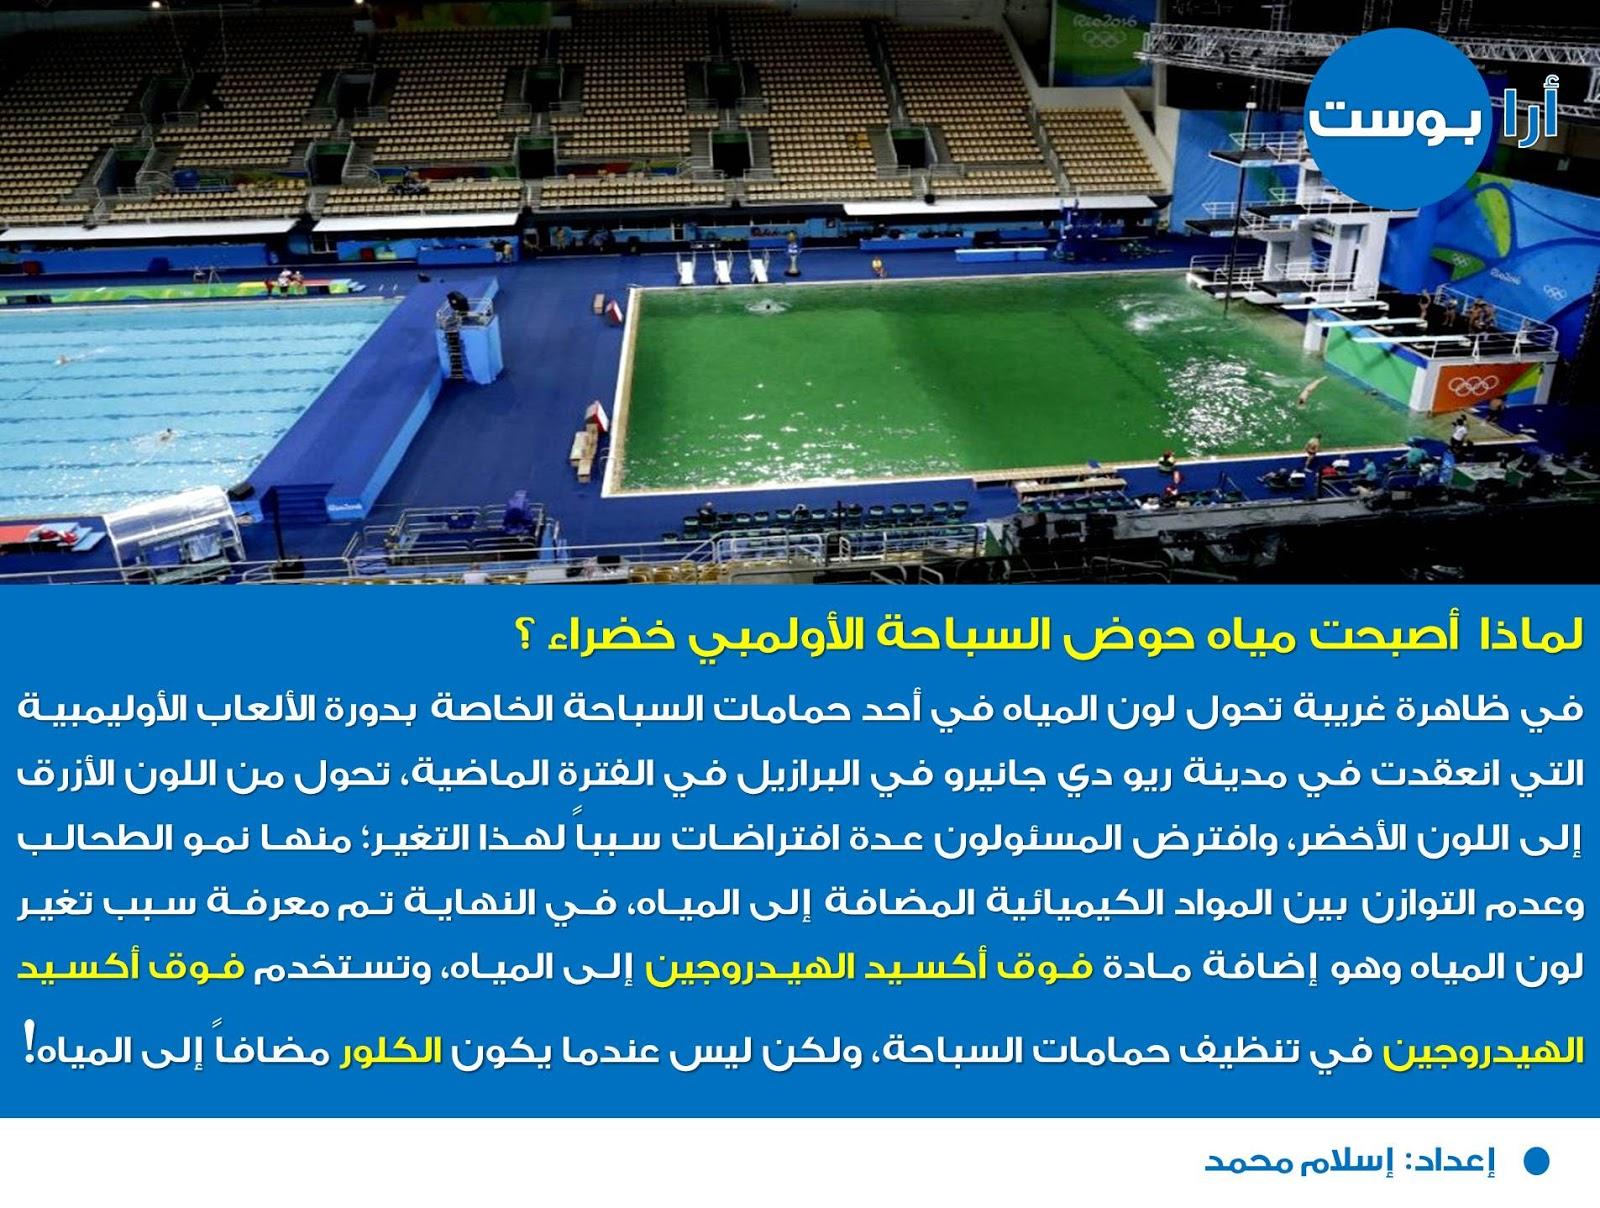 لماذا أصبحت مياهُ حوض السباحة الأولمبي خضراء ؟